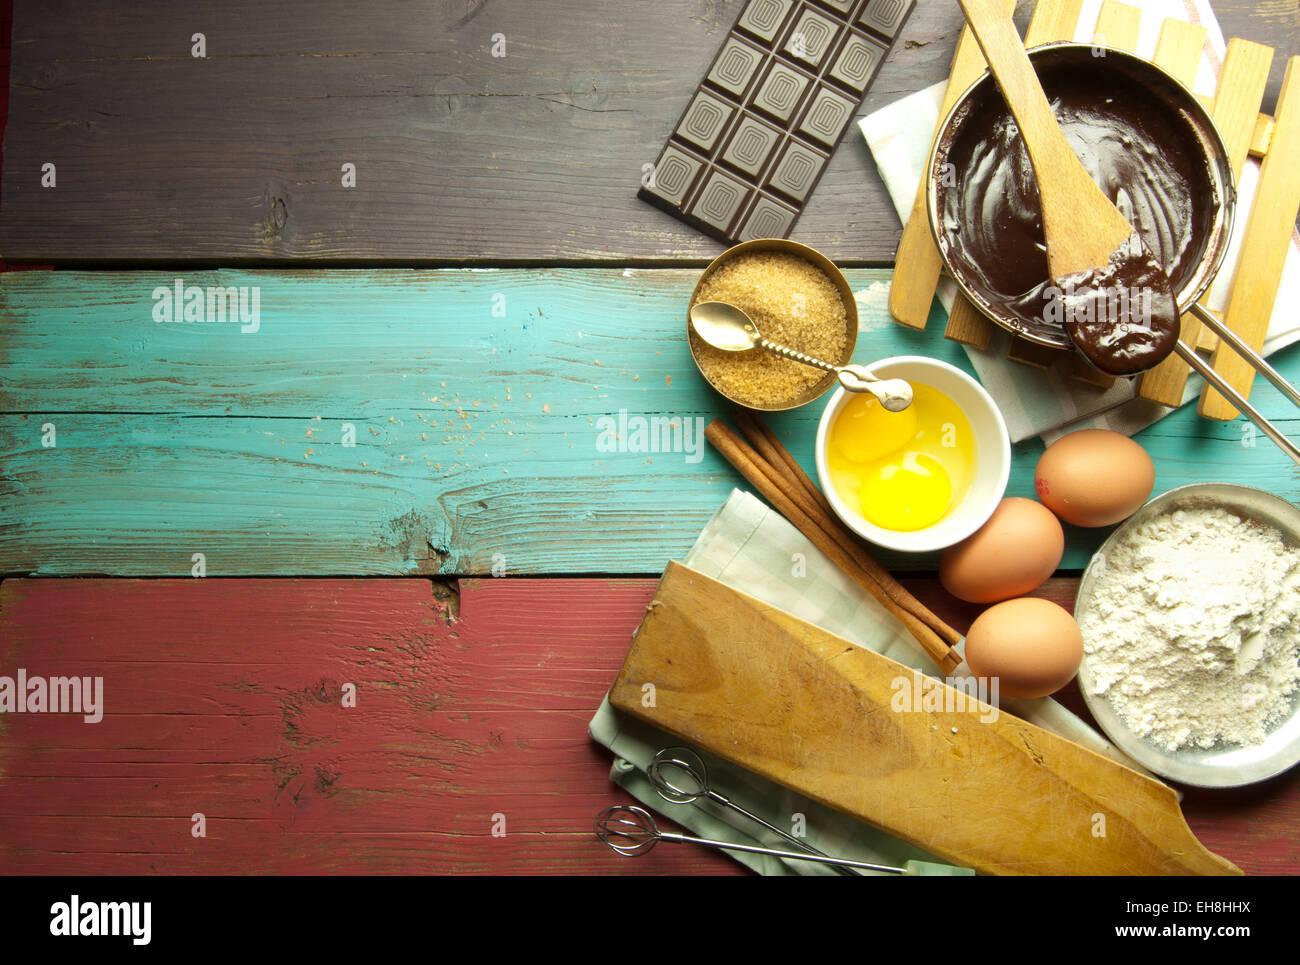 Baking ingredients new recipe - Stock Image